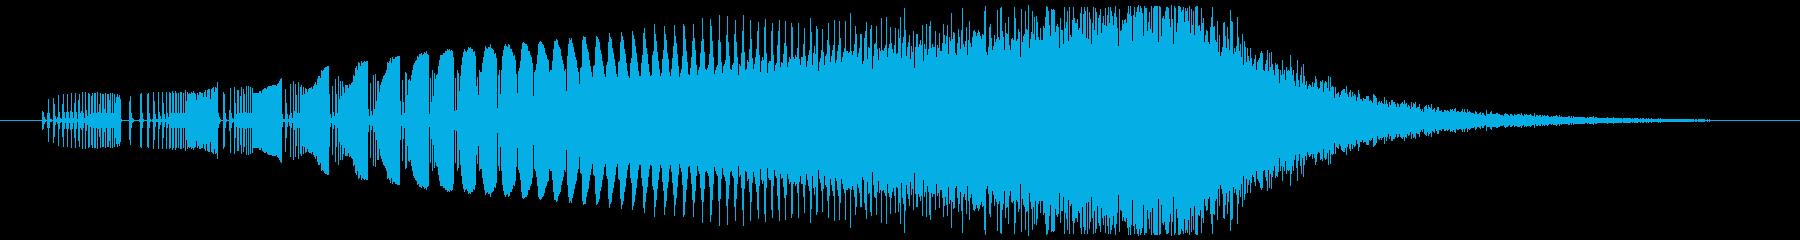 RPG_転移魔法_ワープ_シュワワ―ン2の再生済みの波形